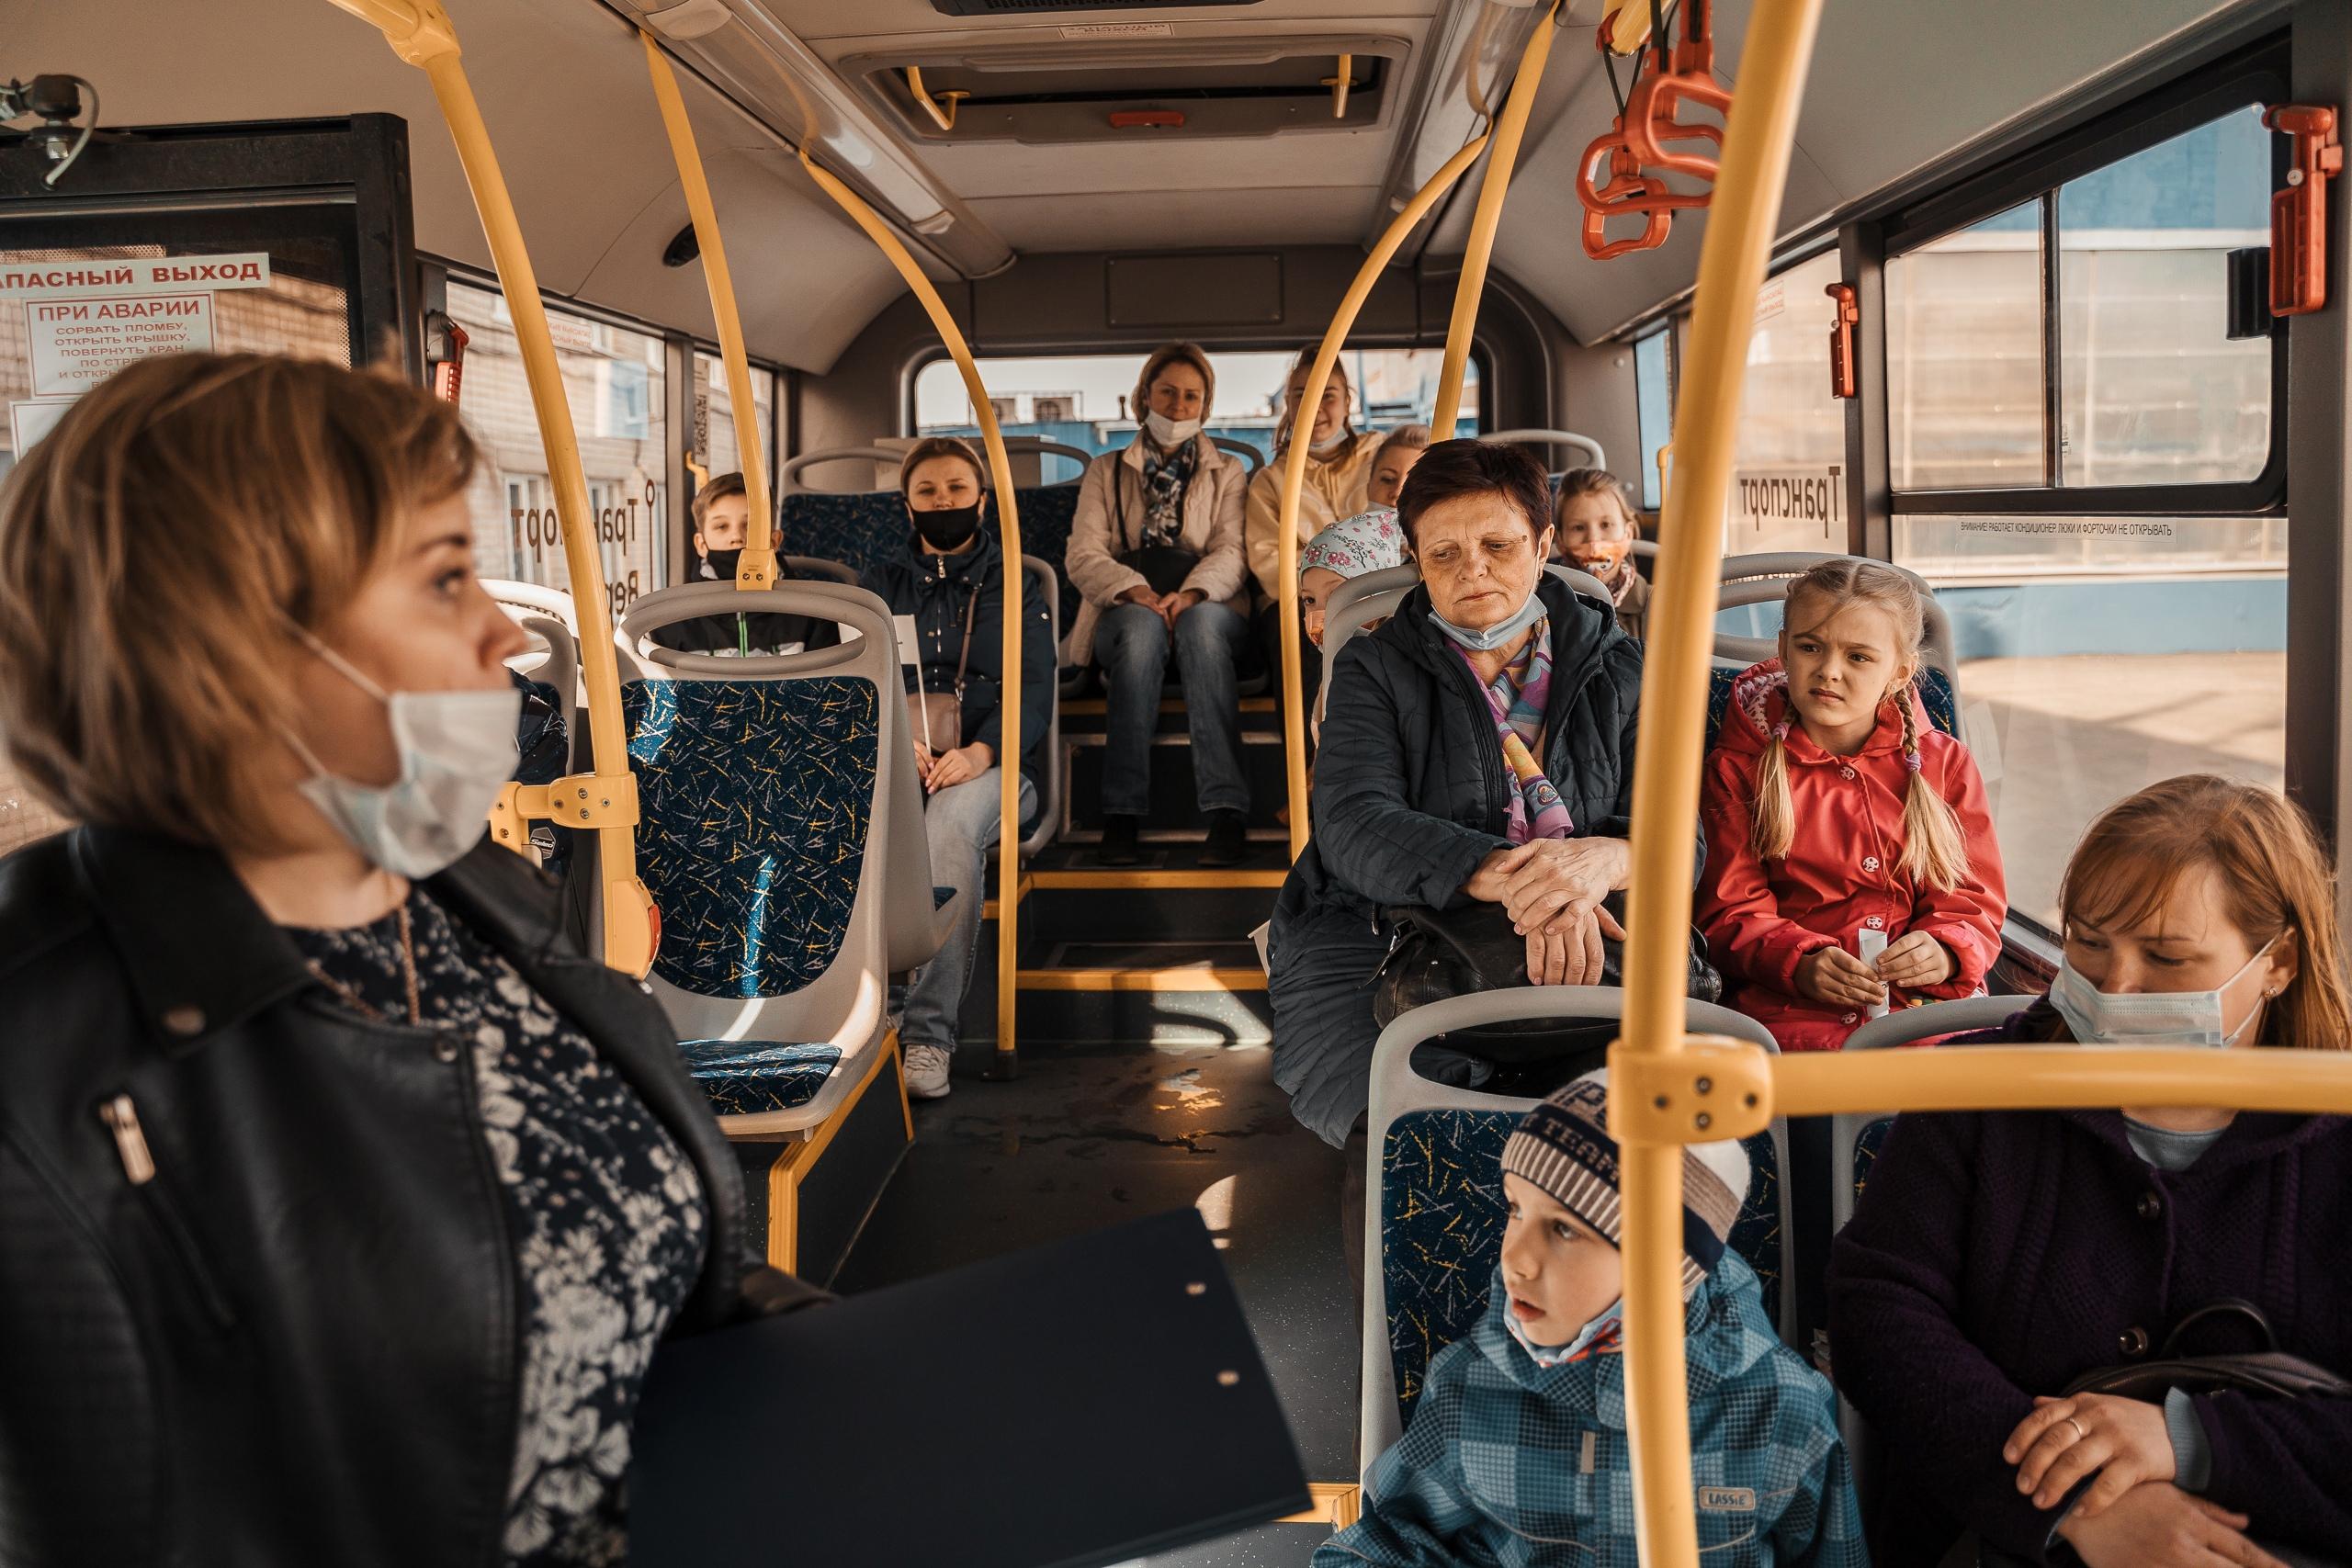 Дополнительные синие автобусы пустят в Твери на Вербное воскресенье и Пасху